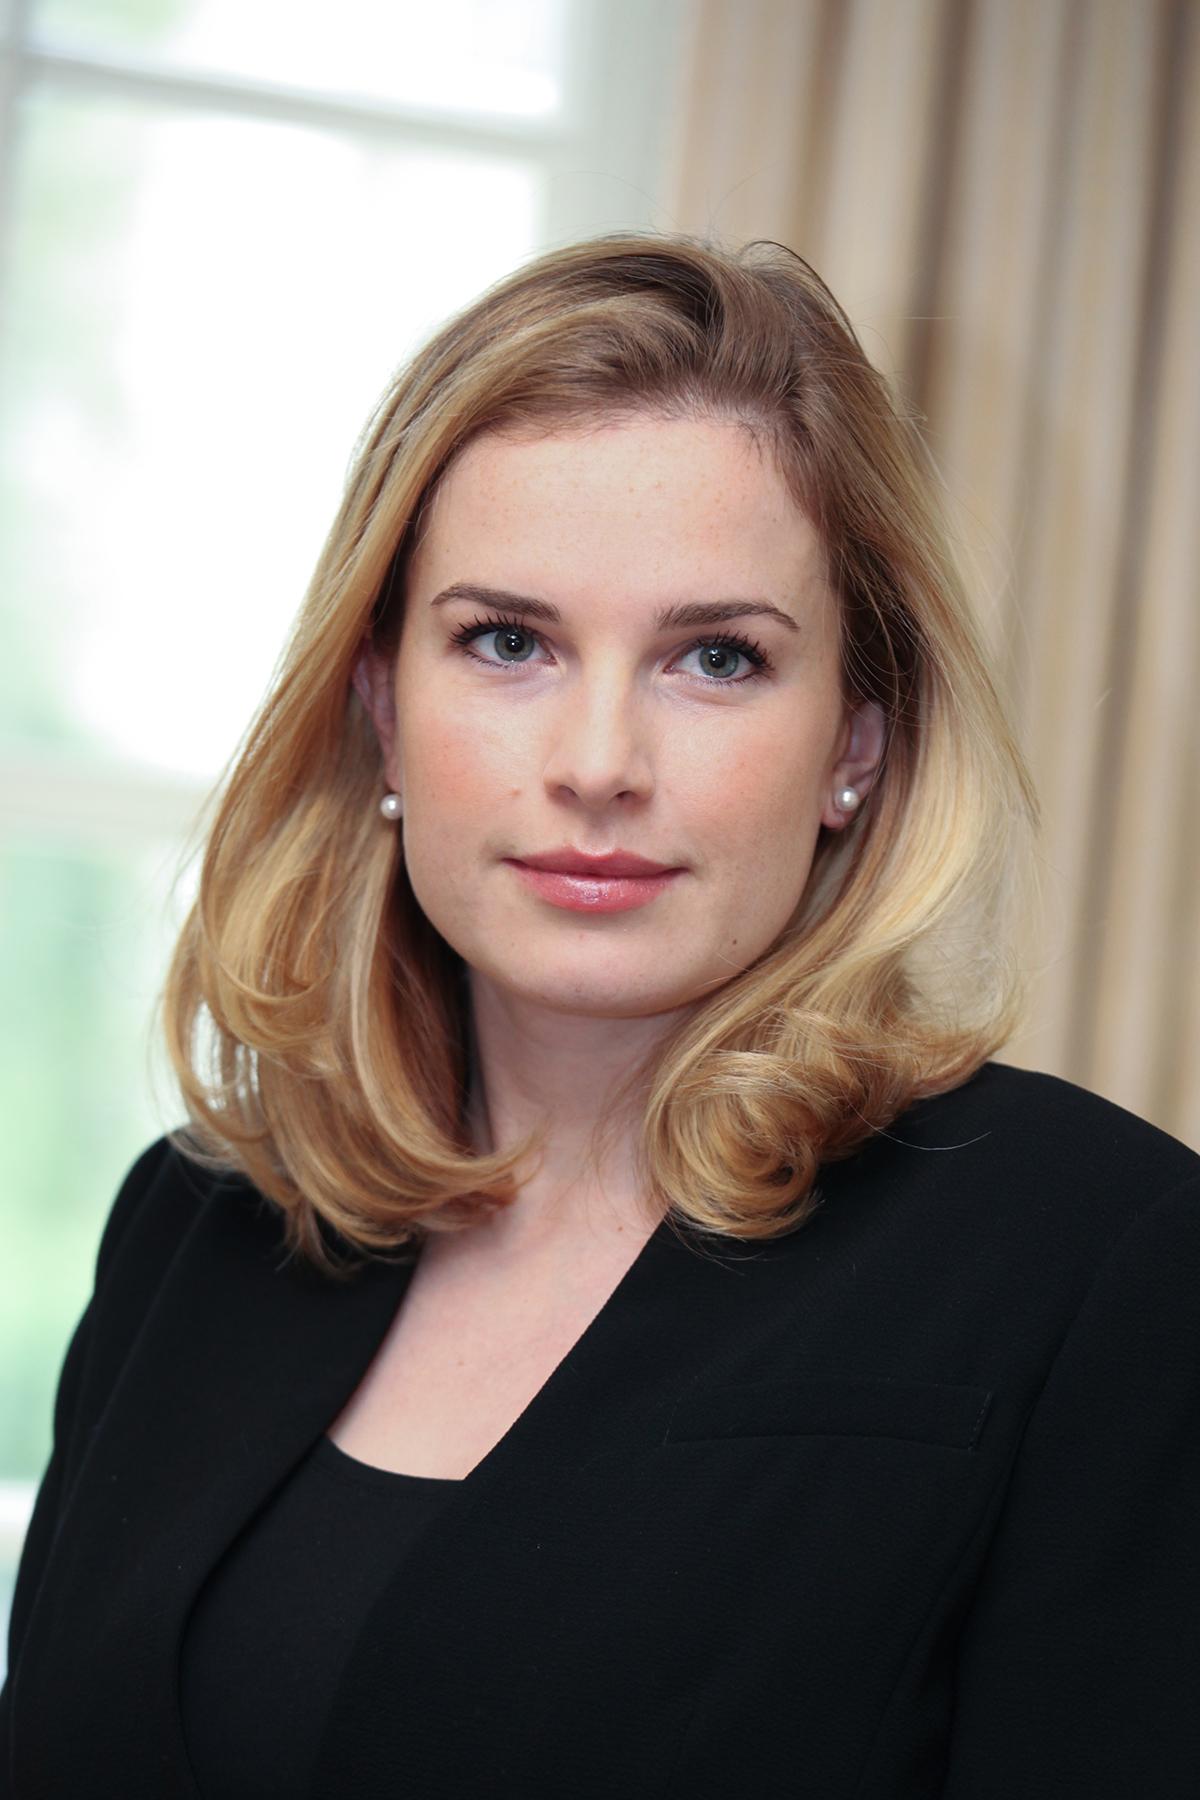 Emma-Louise Fenelon, 1 Crown Office Row